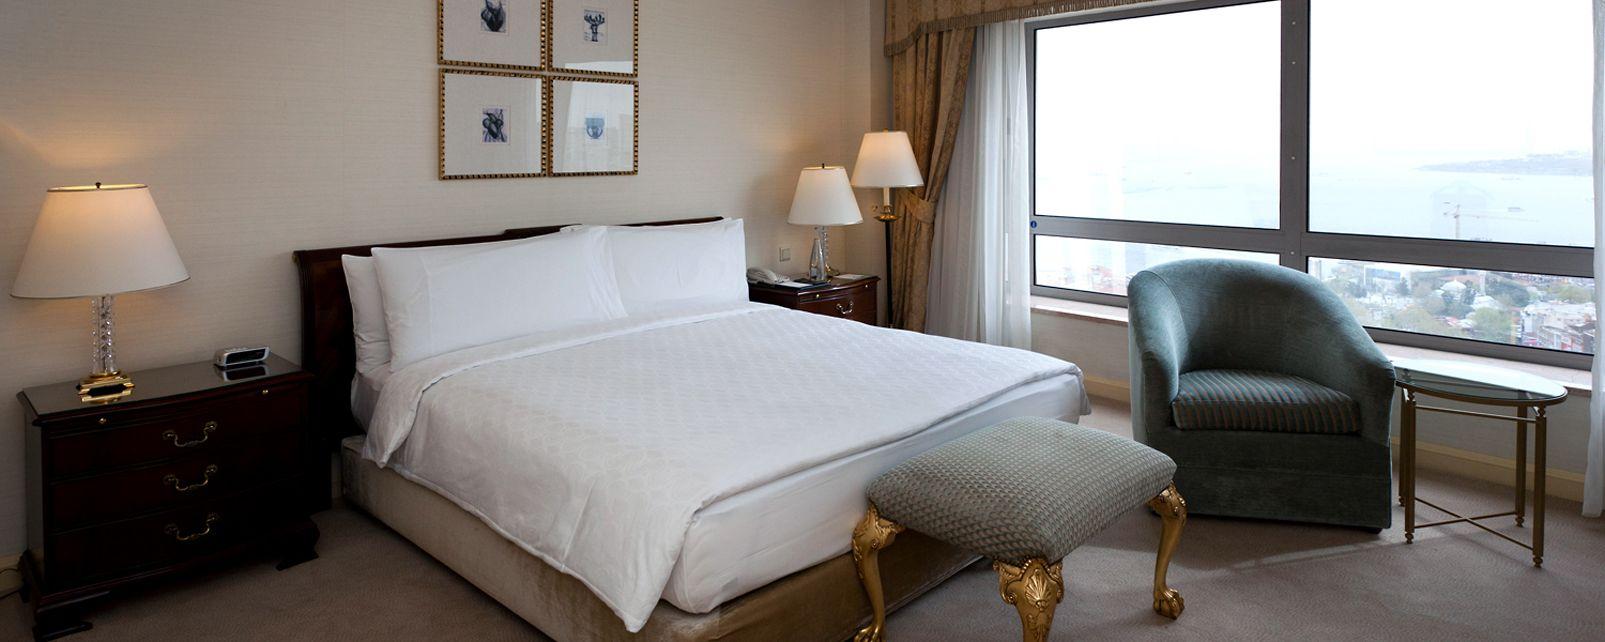 Hotel Hilton Conrad